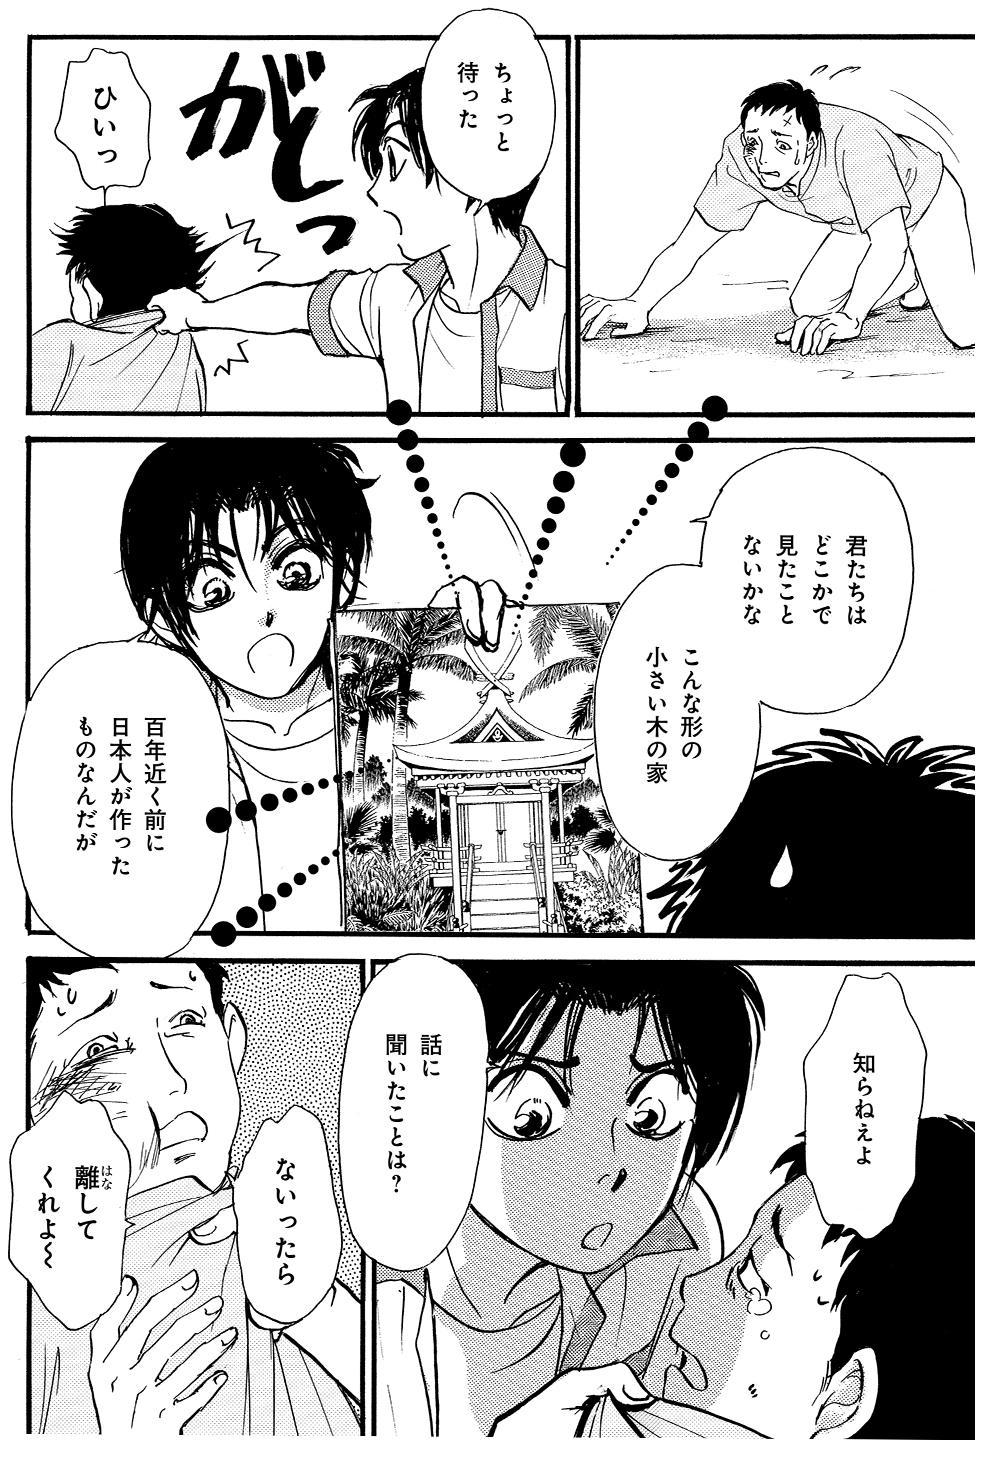 くにのまほろば 第1話 ①kunimaho01-09.jpg